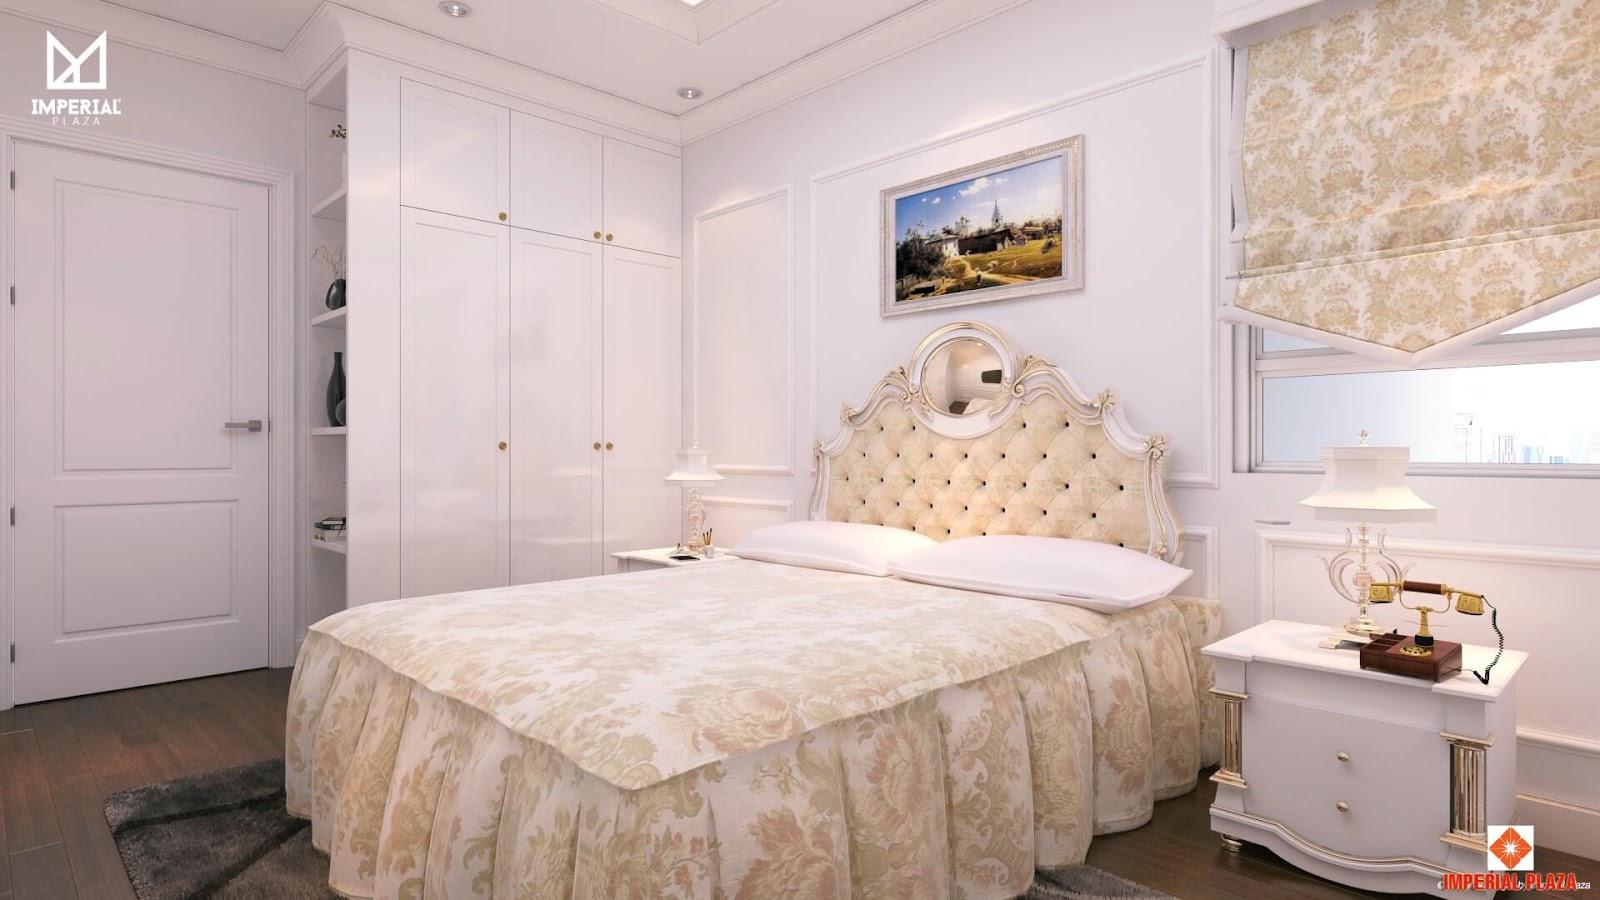 Phòng ngủ căn hộ mẫu dự án Imperial Plaza 360 Giải Phóng